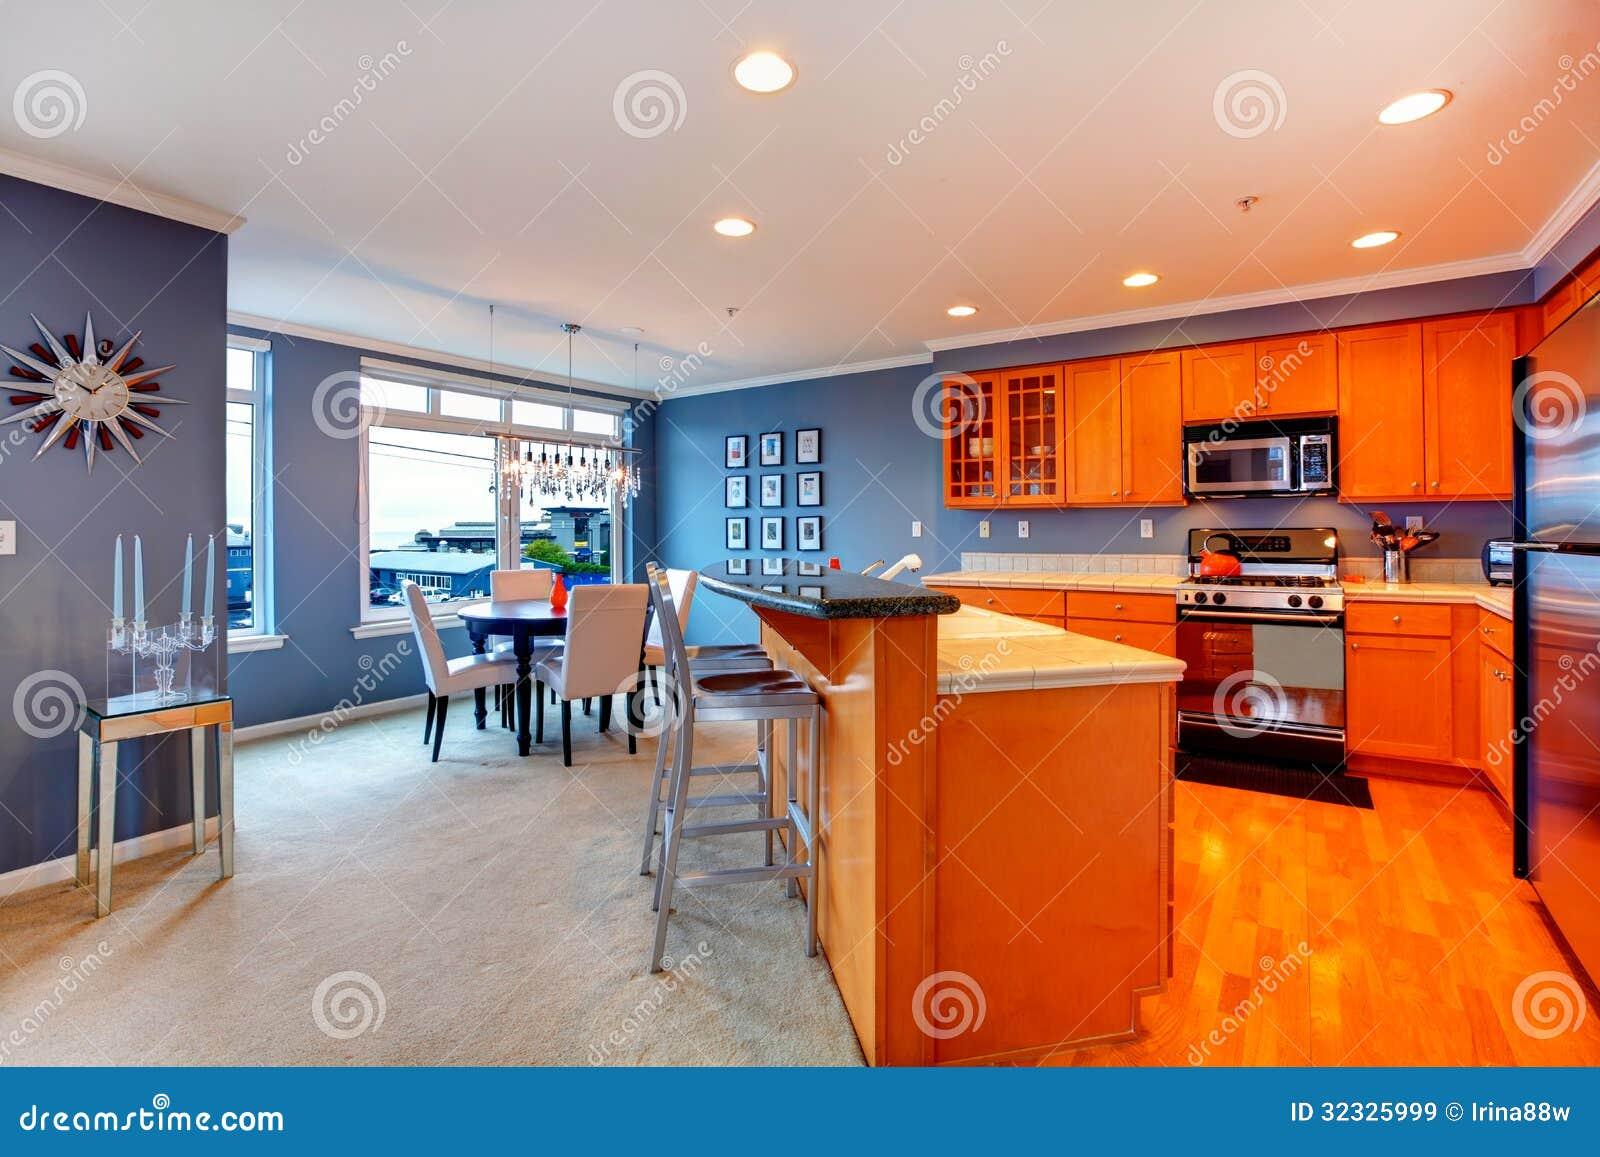 De oranje houten keuken van de stadsflat met blauwe eetkamer royalty vrije stock afbeeldingen - Idee van de eetkamer ...